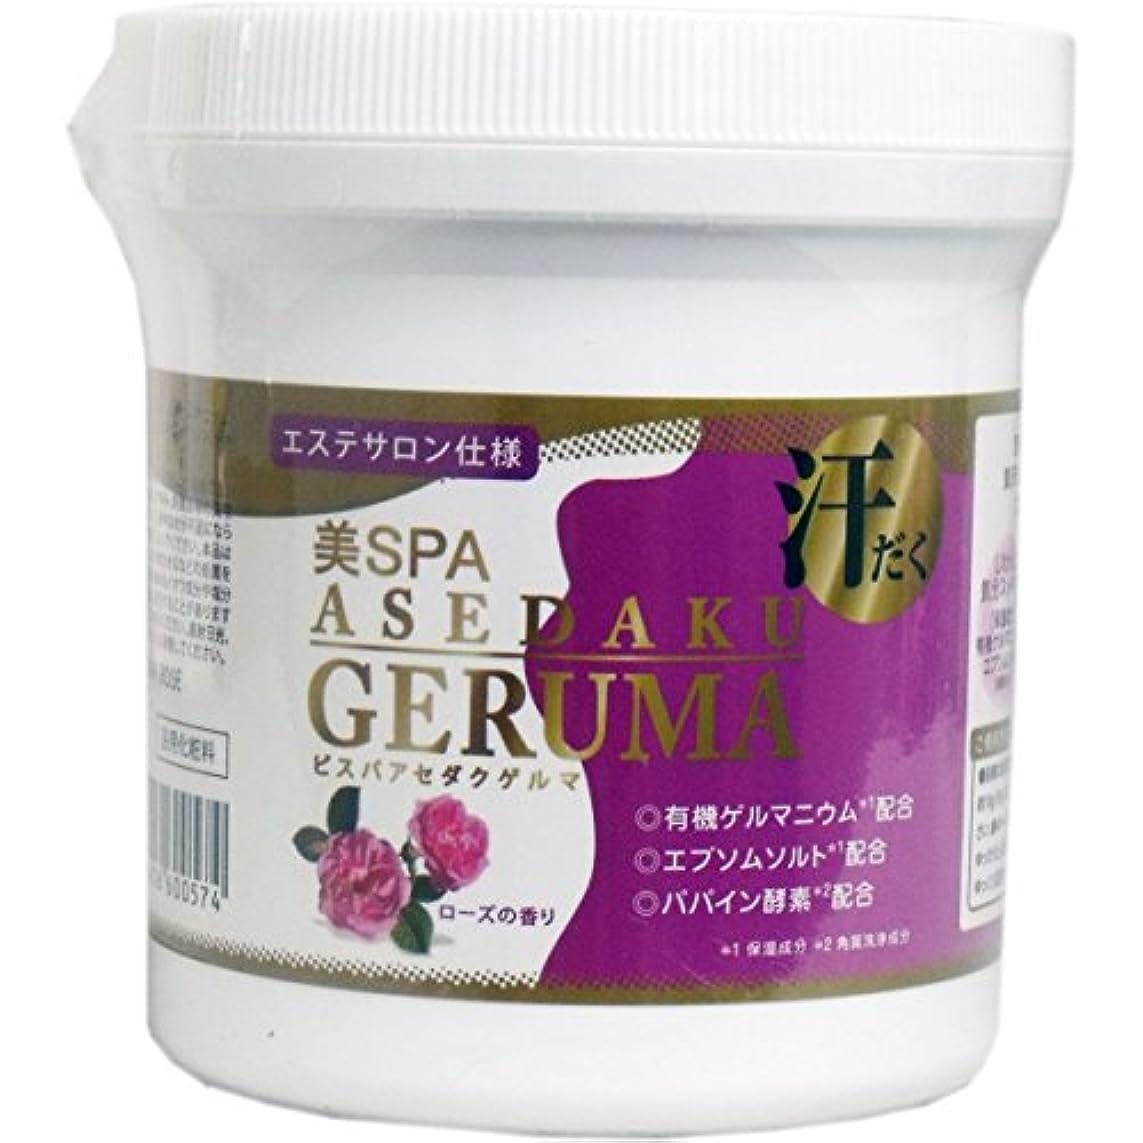 チロヒント植木ゲルマニウム入浴料 美SPA ASEDAKU GERUMA ROSE(ローズ) ボトル 400g